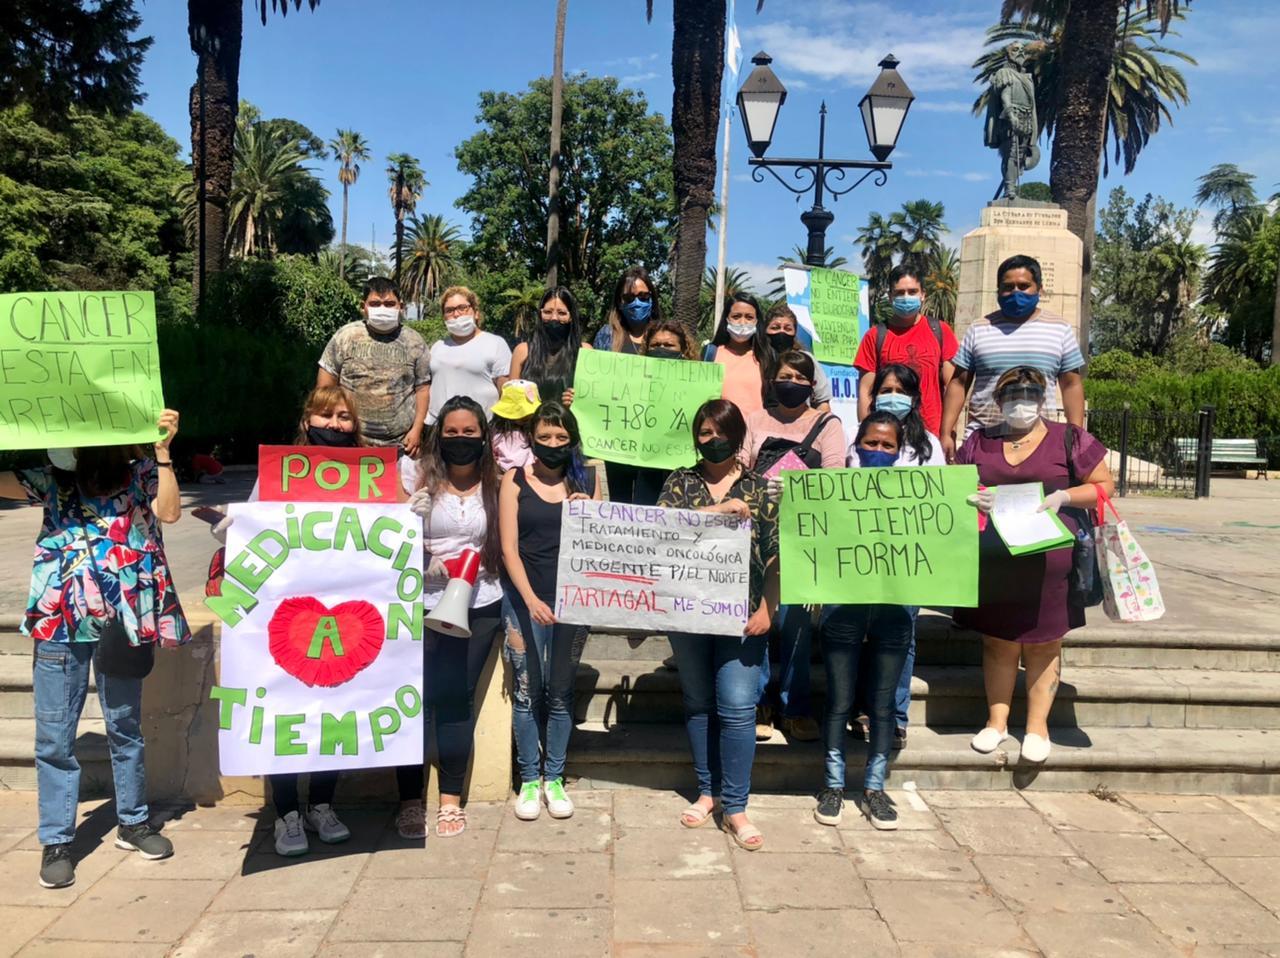 Familiares de Pacientes Oncológicos piden al Gobierno de Salta el cumplimiento de la Ley Provincial 7786